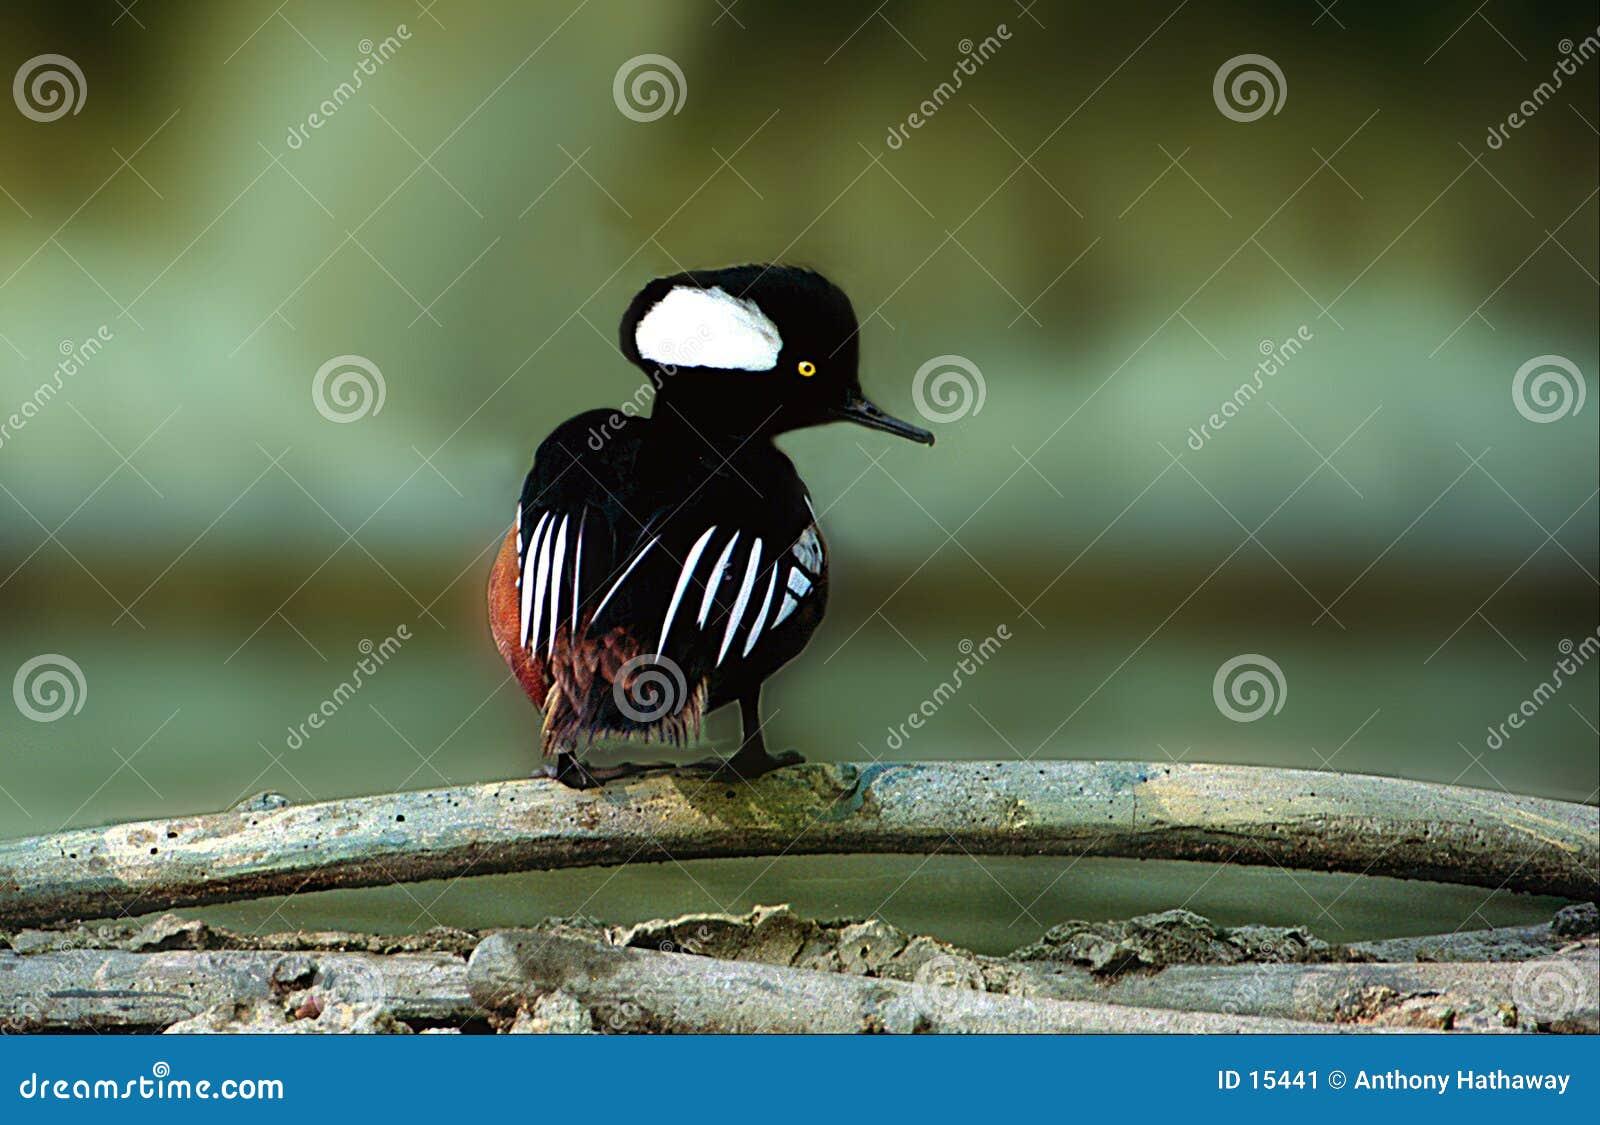 Download Mergo incappucciato immagine stock. Immagine di acqua, uccello - 15441